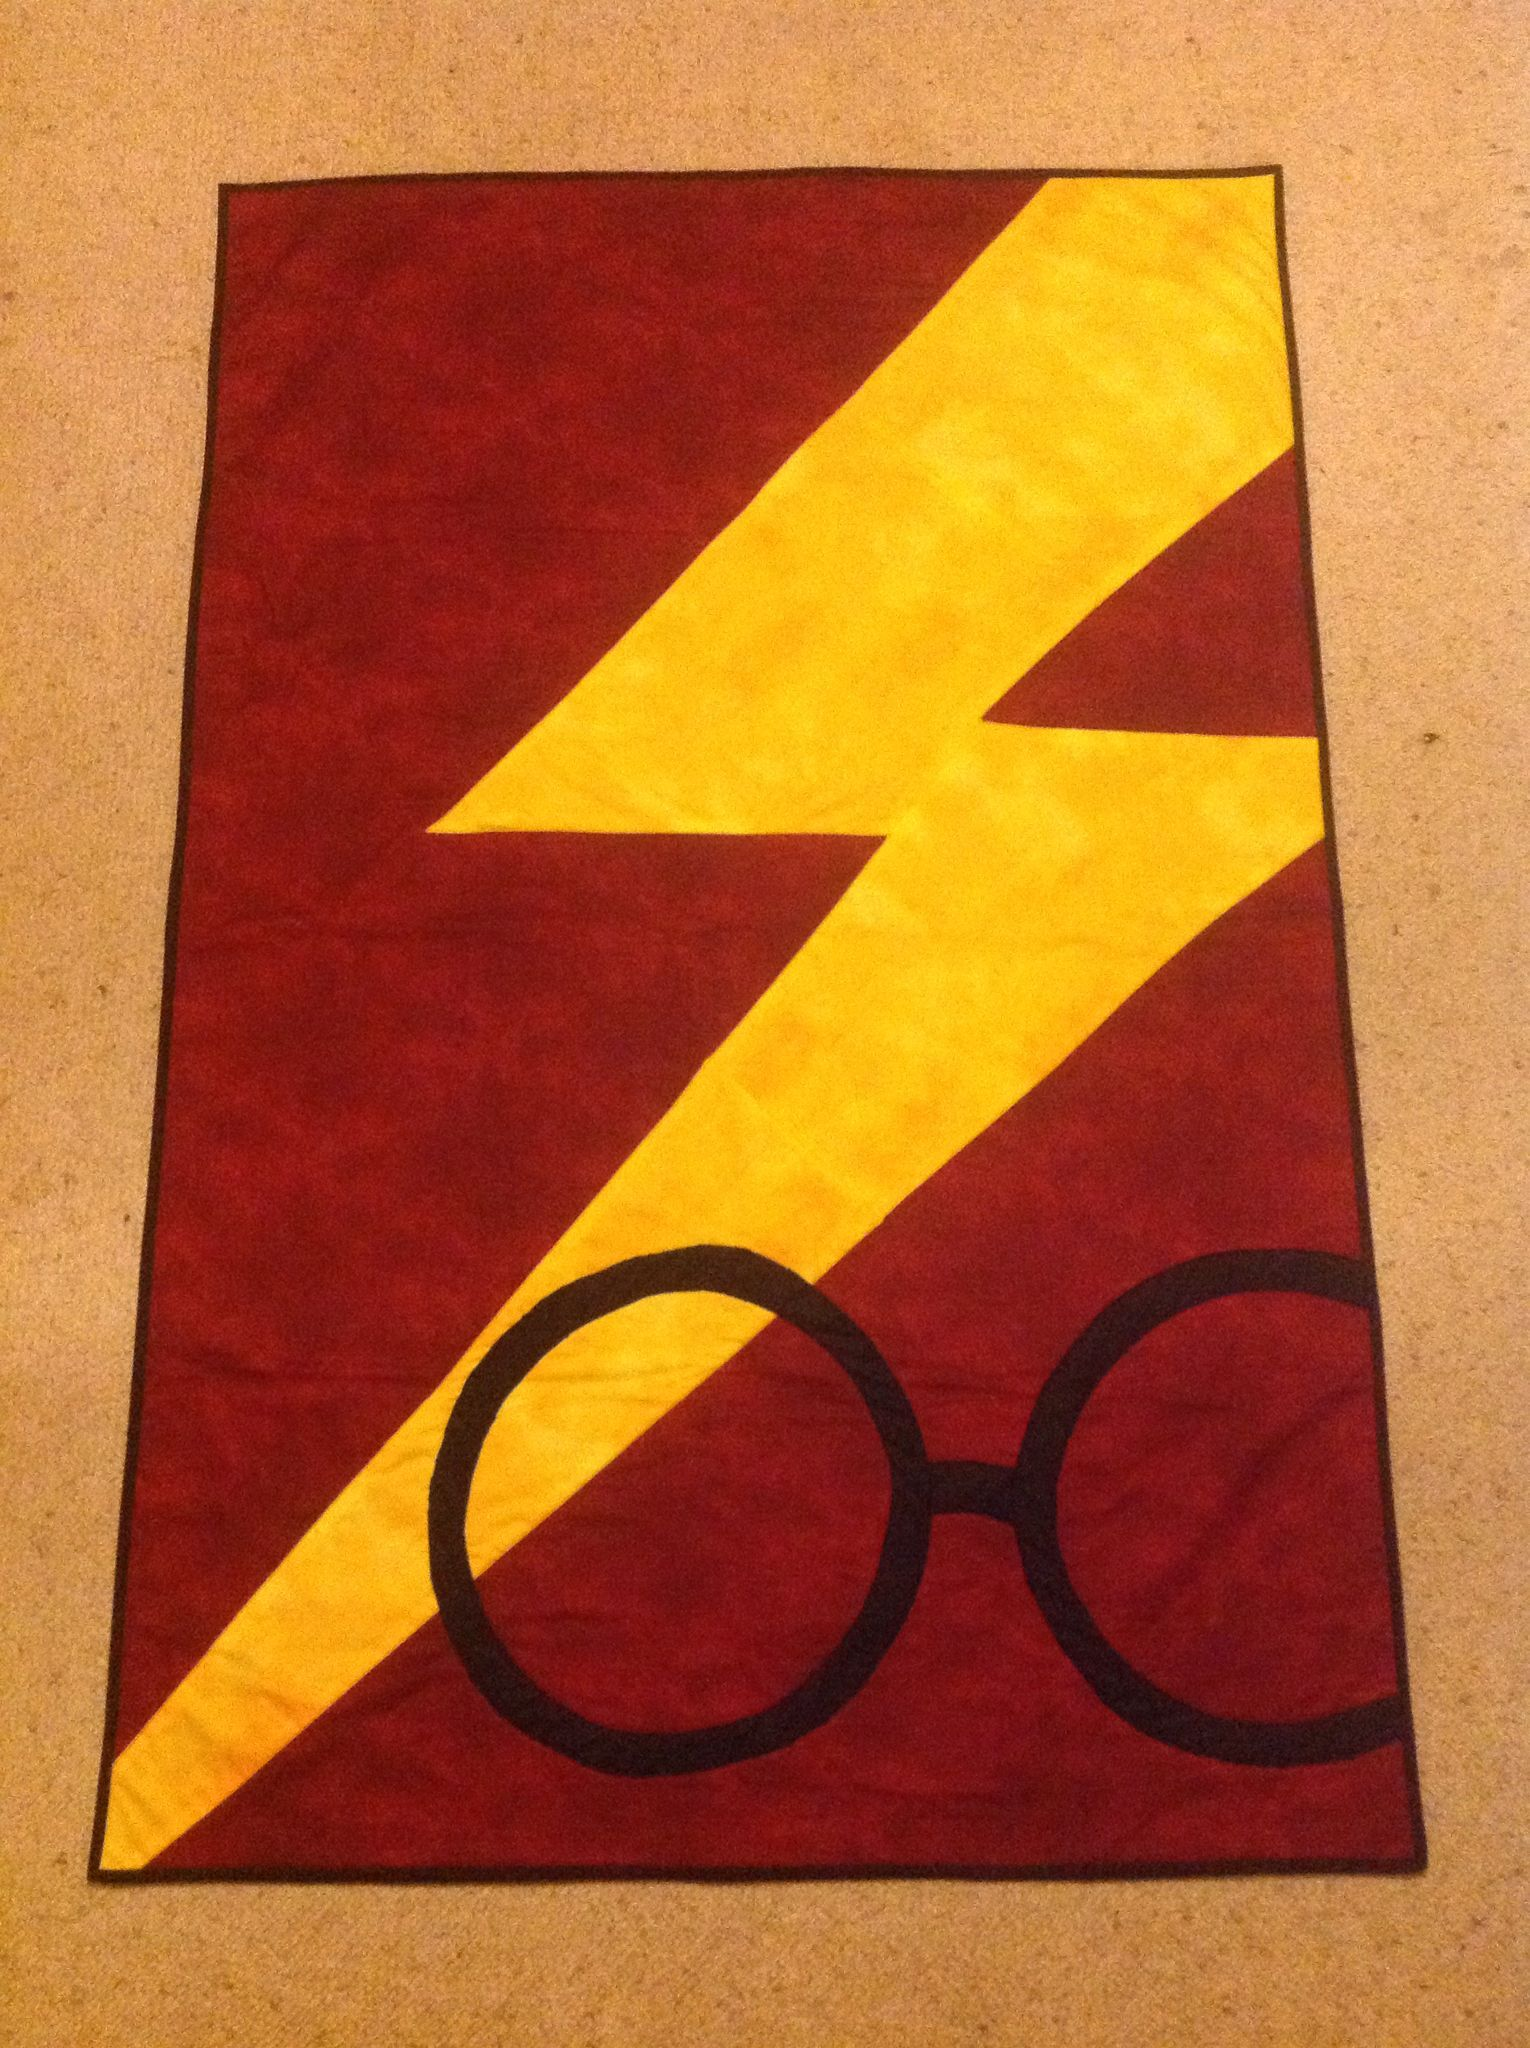 Limited Quilt Clm200673 Harry Potter Quilt Harry Potter Crafts Harry Potter Blanket